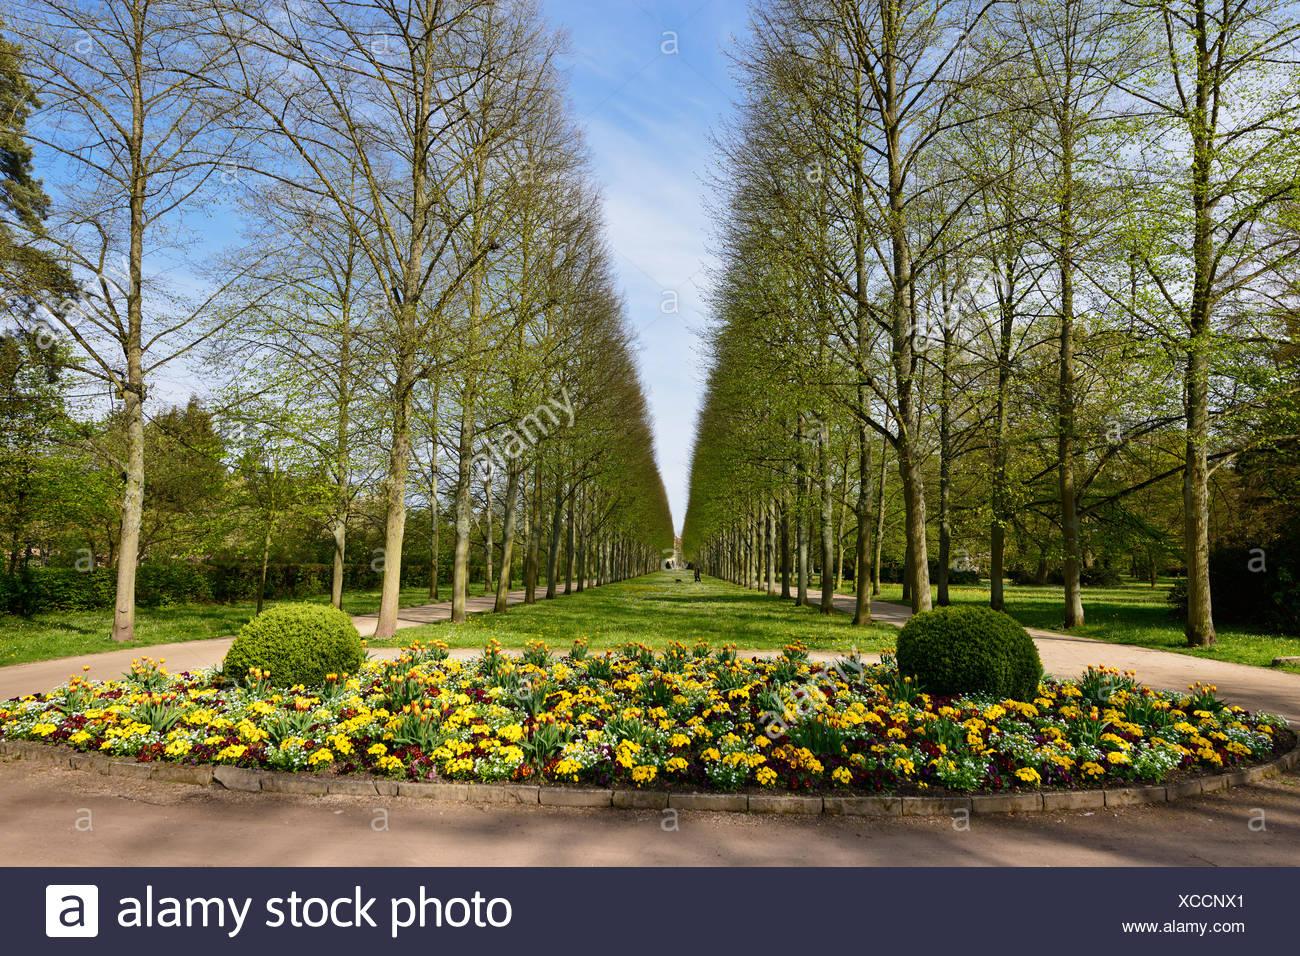 Allee Von Linden Blumenbeet Tulpen Park Franzoesischer Garten